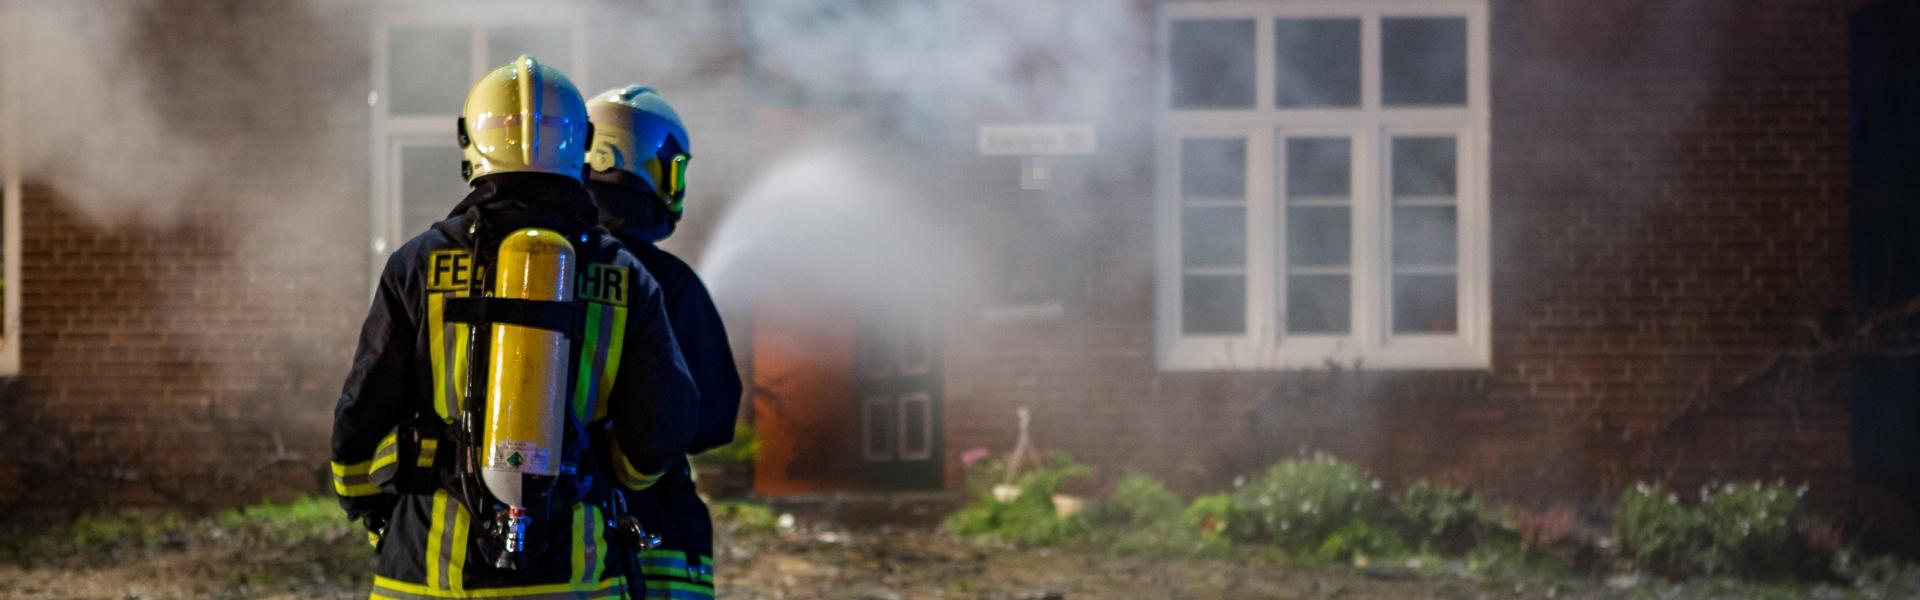 01.12.2018 – Bauernkate brennt in Bliestorf nieder